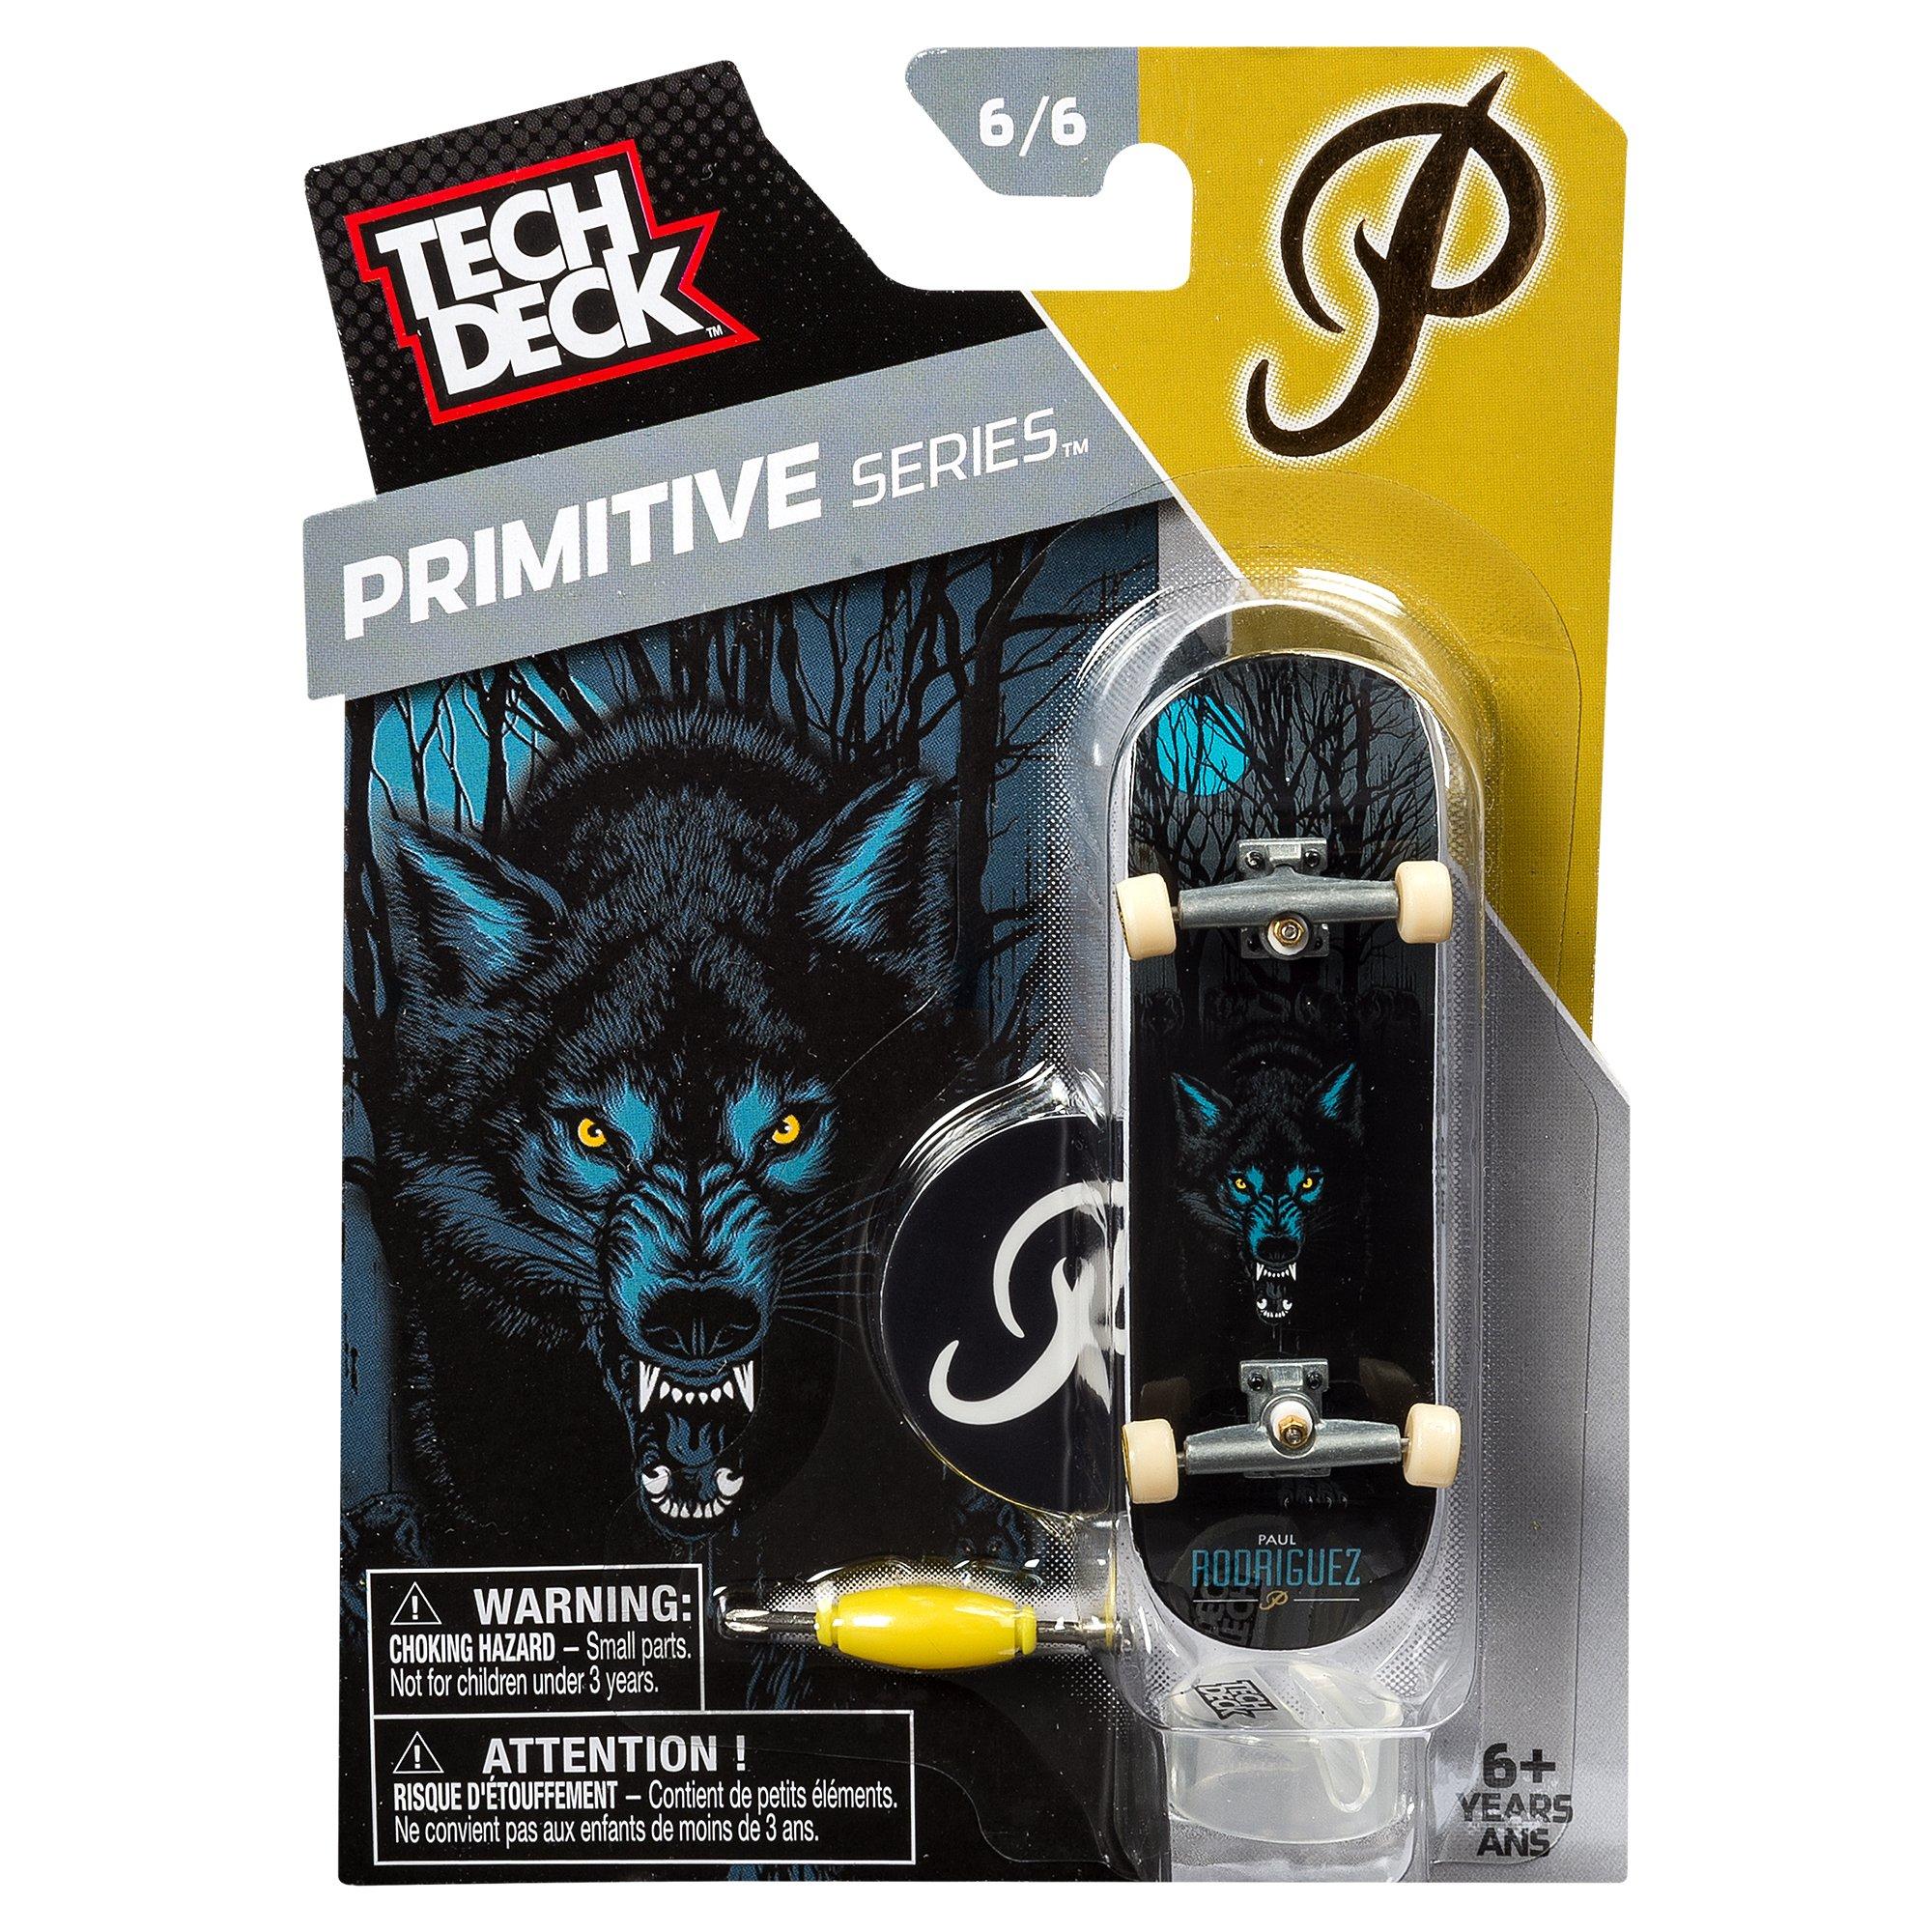 TECH DECK (Tech deck) 96mm VOL.8 / Primitive / Paul Rodriguez Wolf 20052955